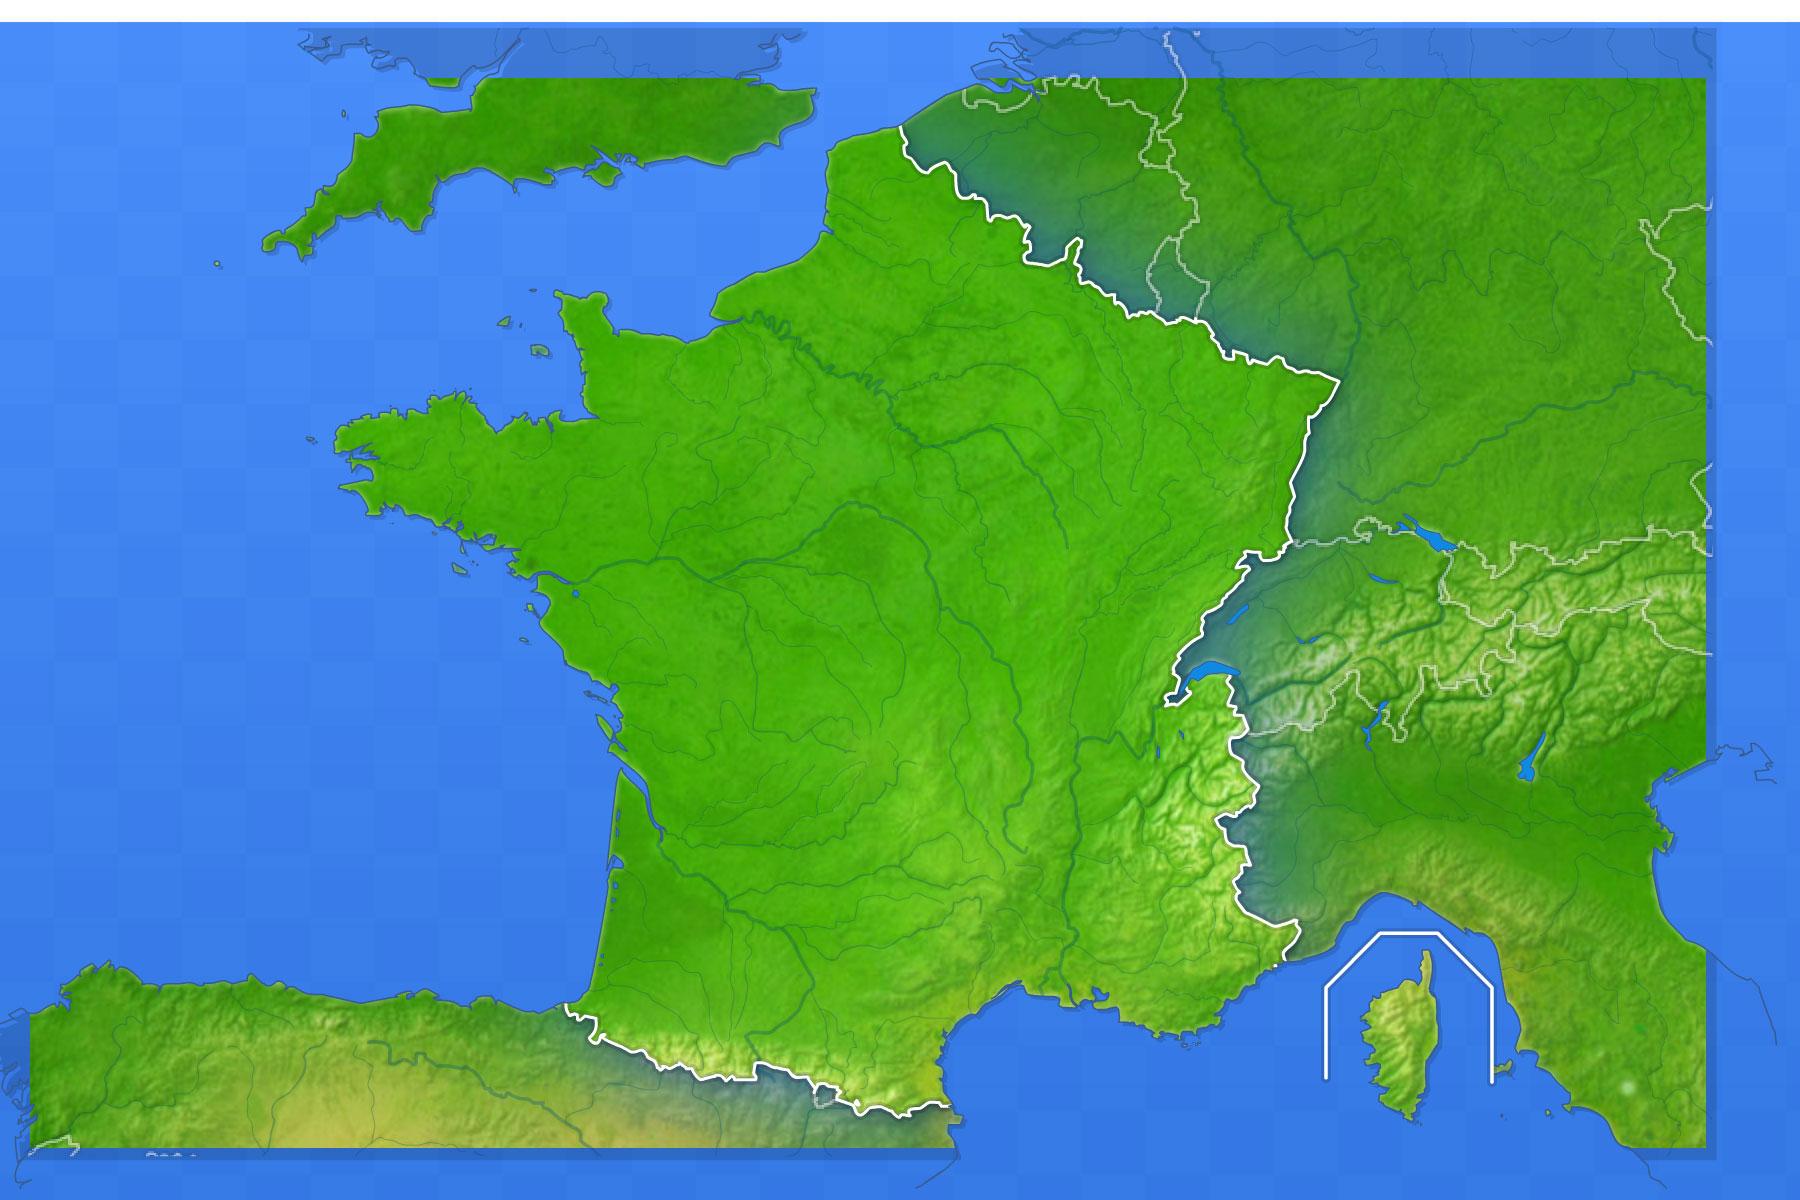 Jeux-Geographiques Jeux Gratuits Jeu Villes De France pour Les Régions De France Jeux